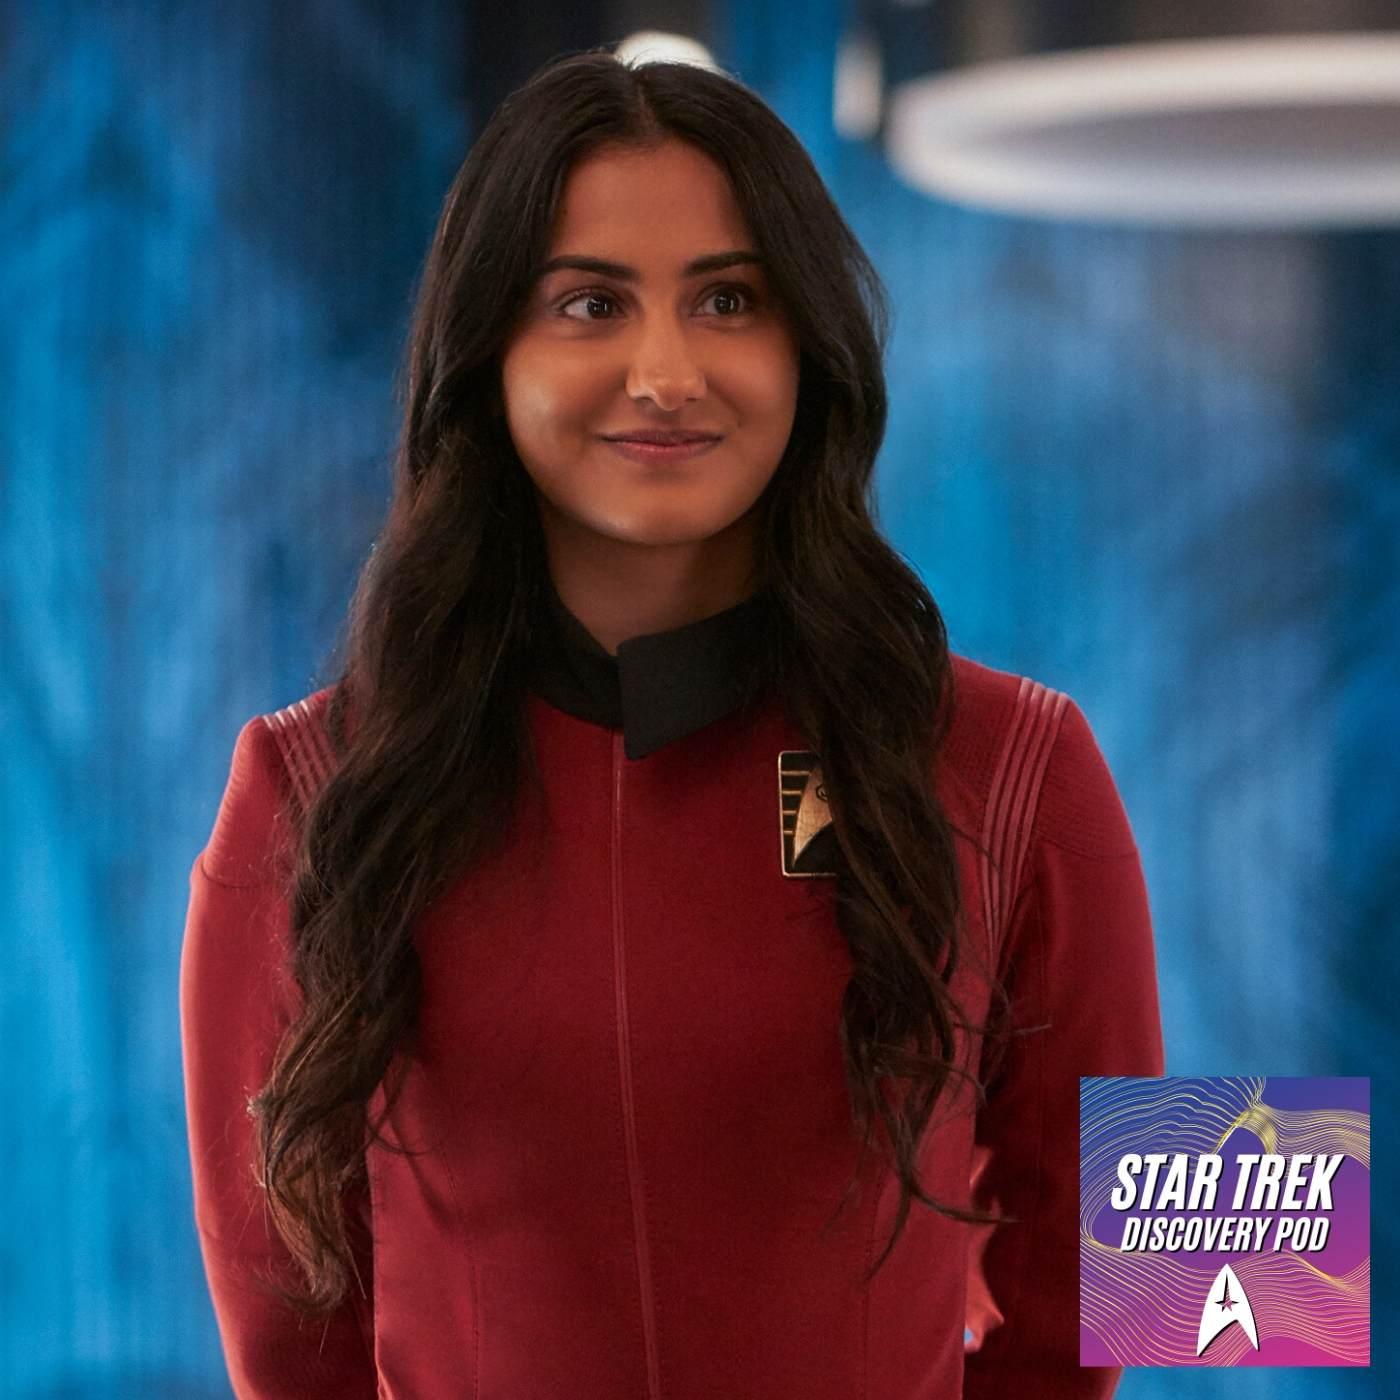 Star Trek Fans Pitch New Show Ideas